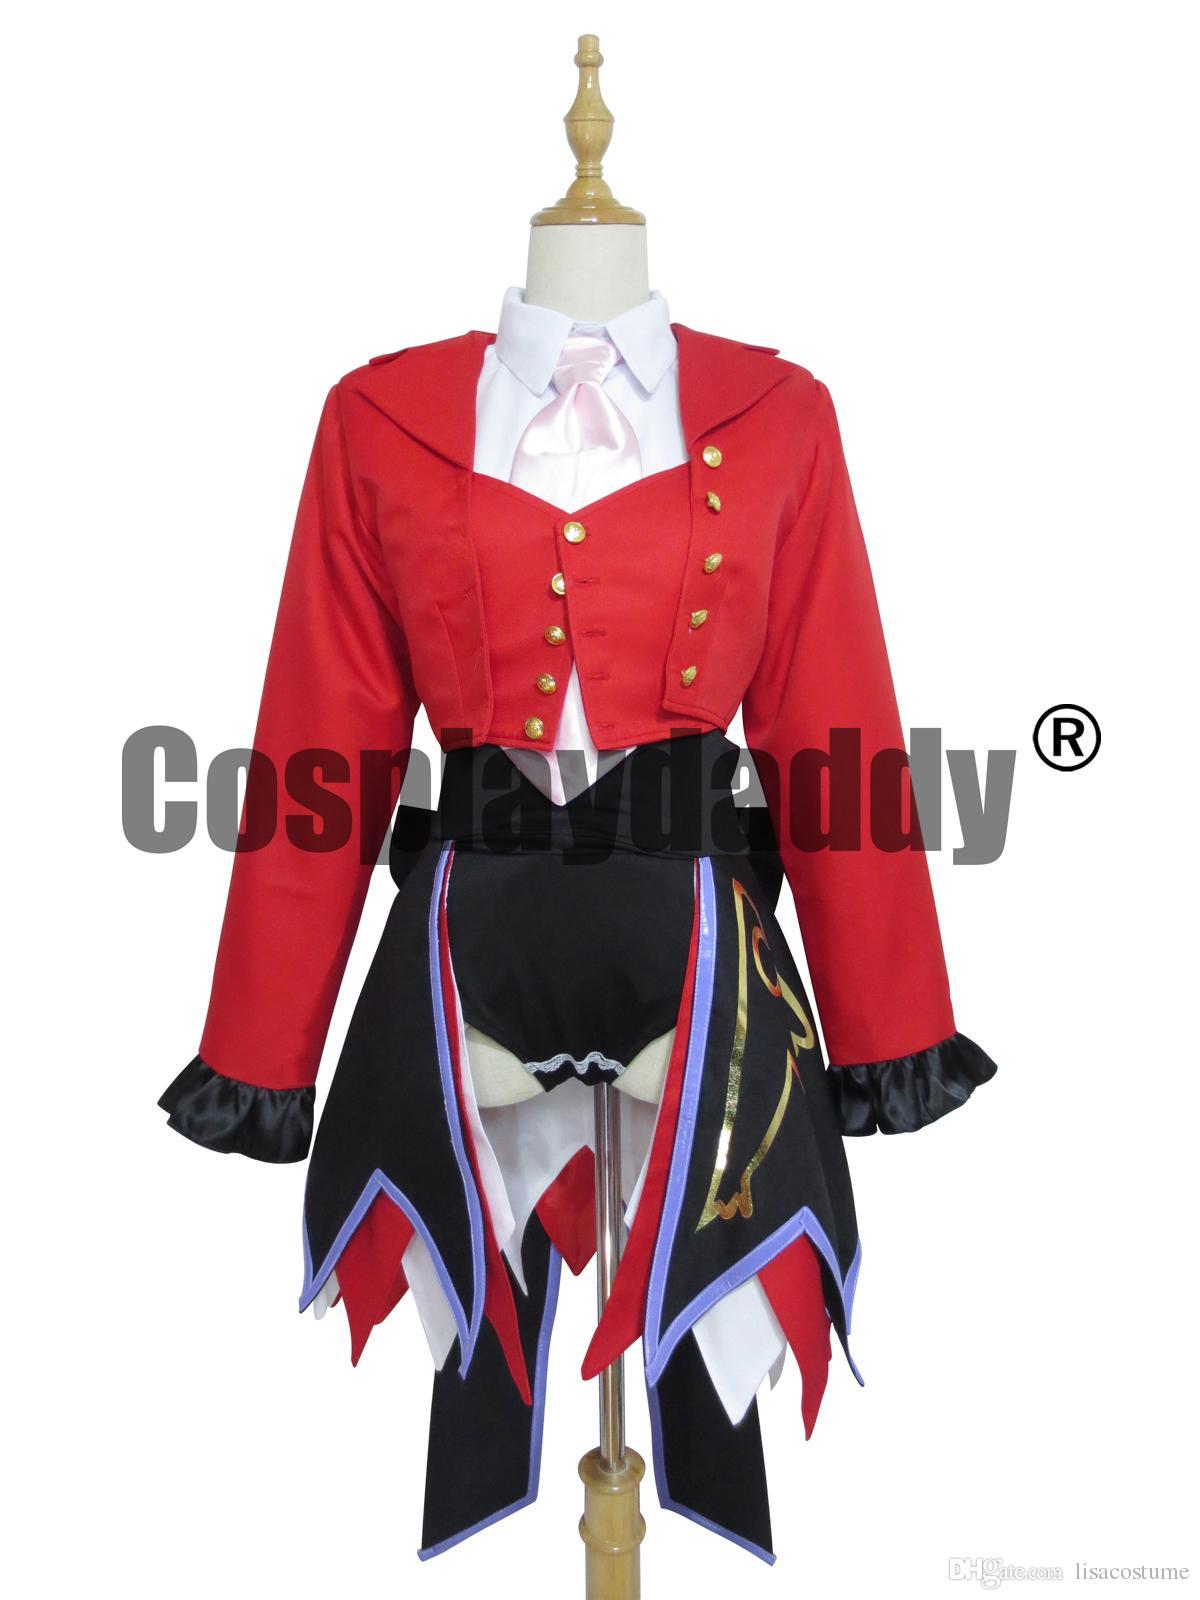 Umineko no Naku Koro ni Cosplay The Seven Stakes of Purgatory Costume